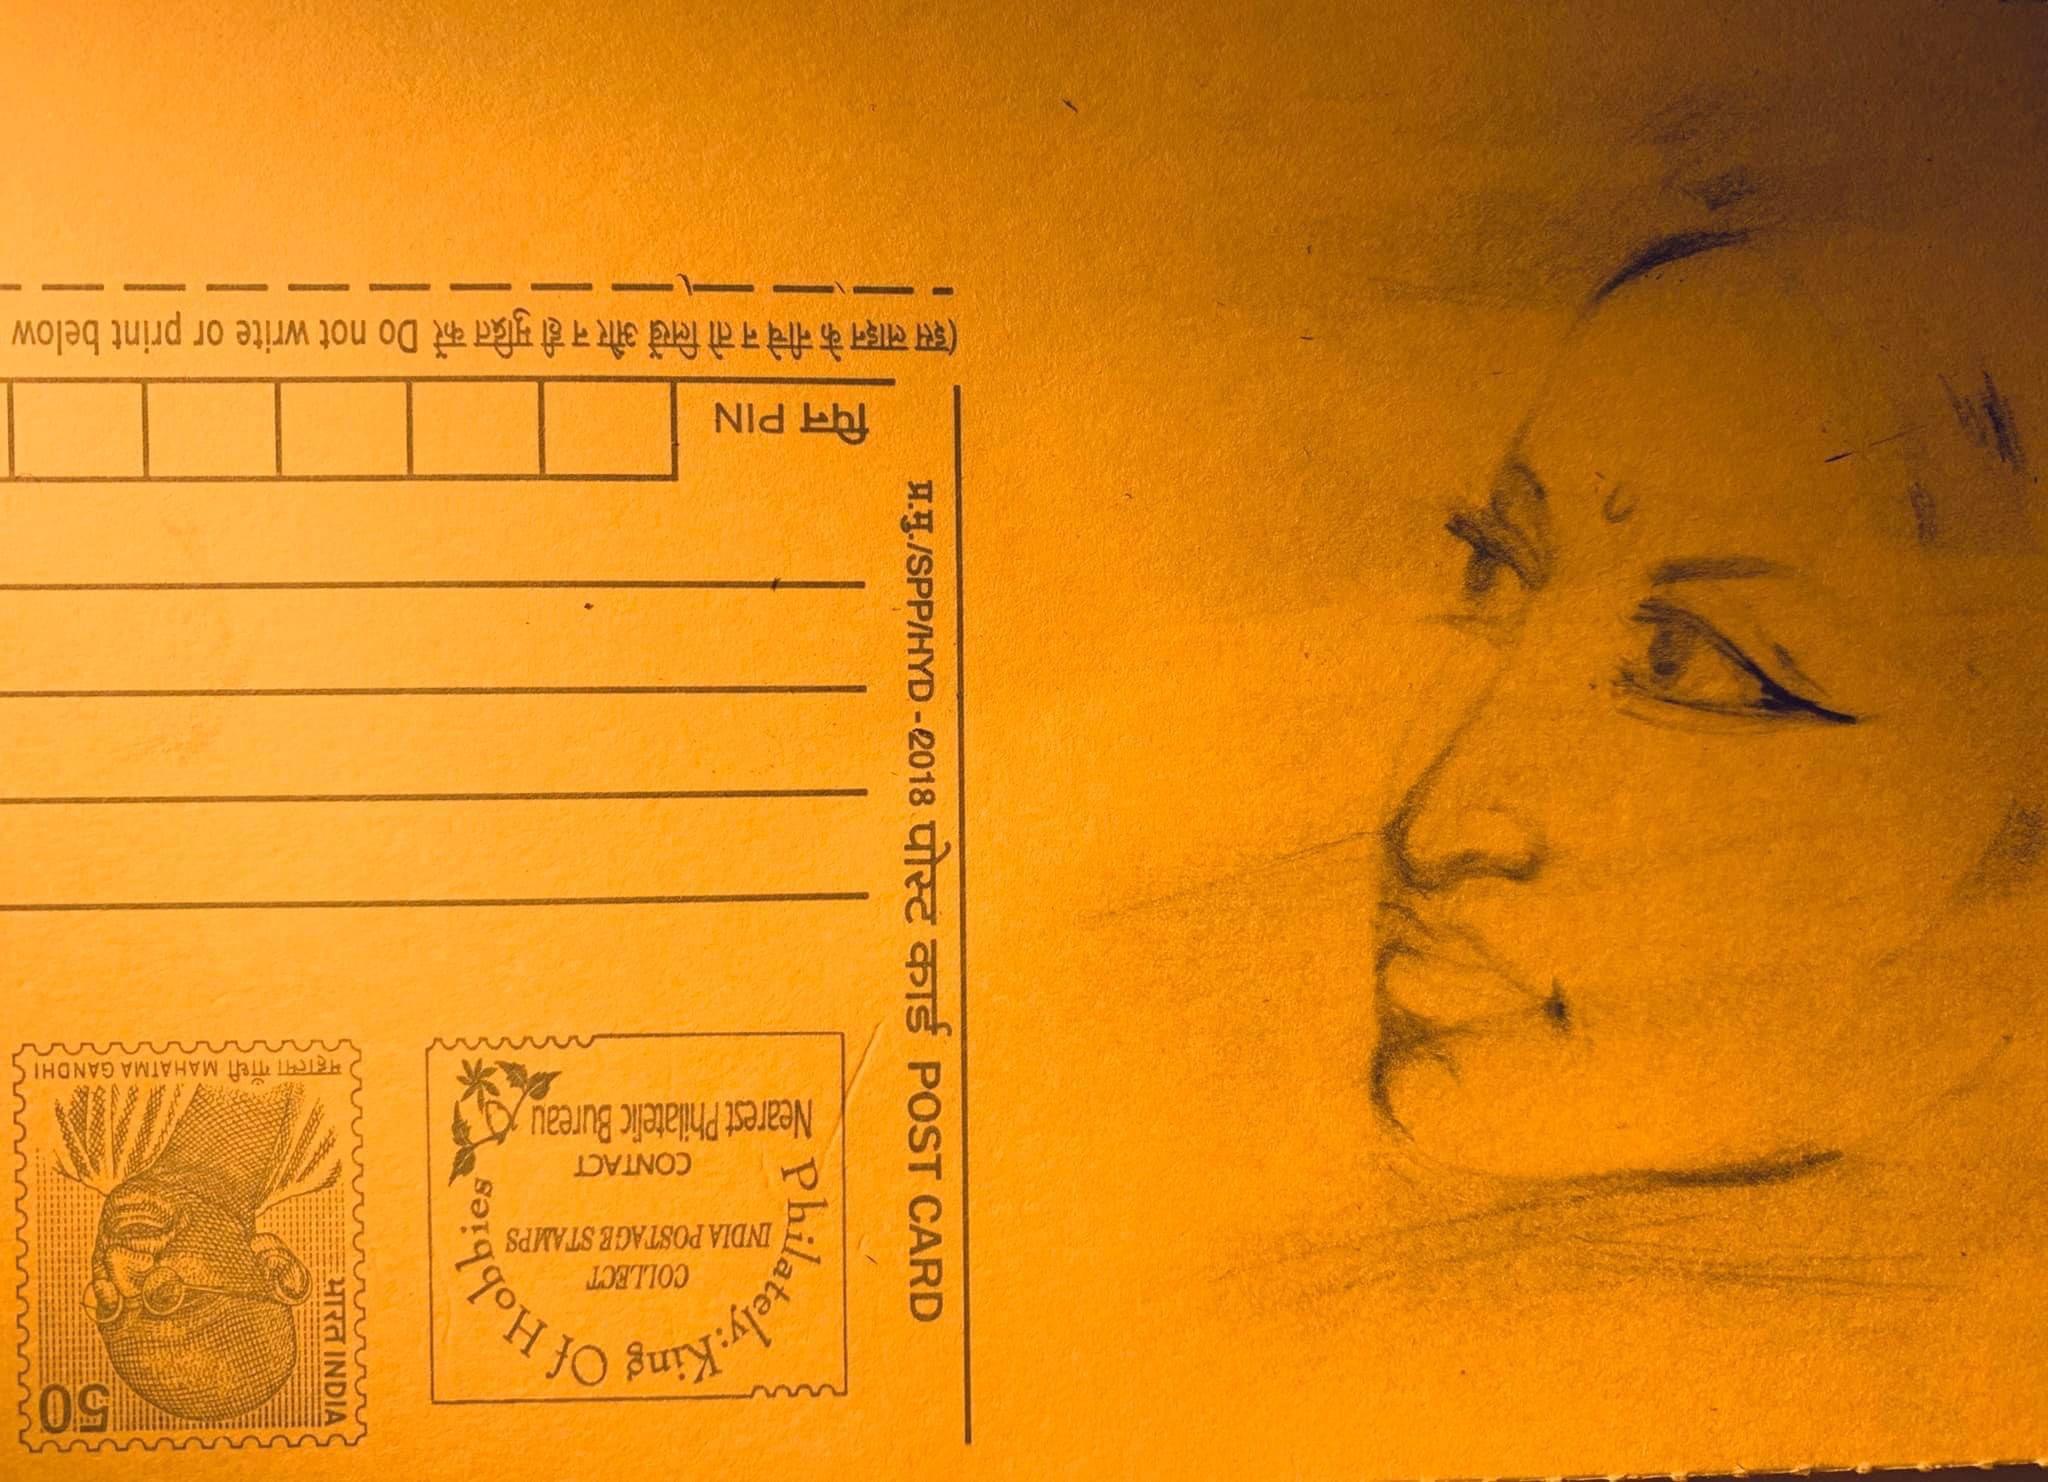 swapna mashi artwork by Piu Mahapatra